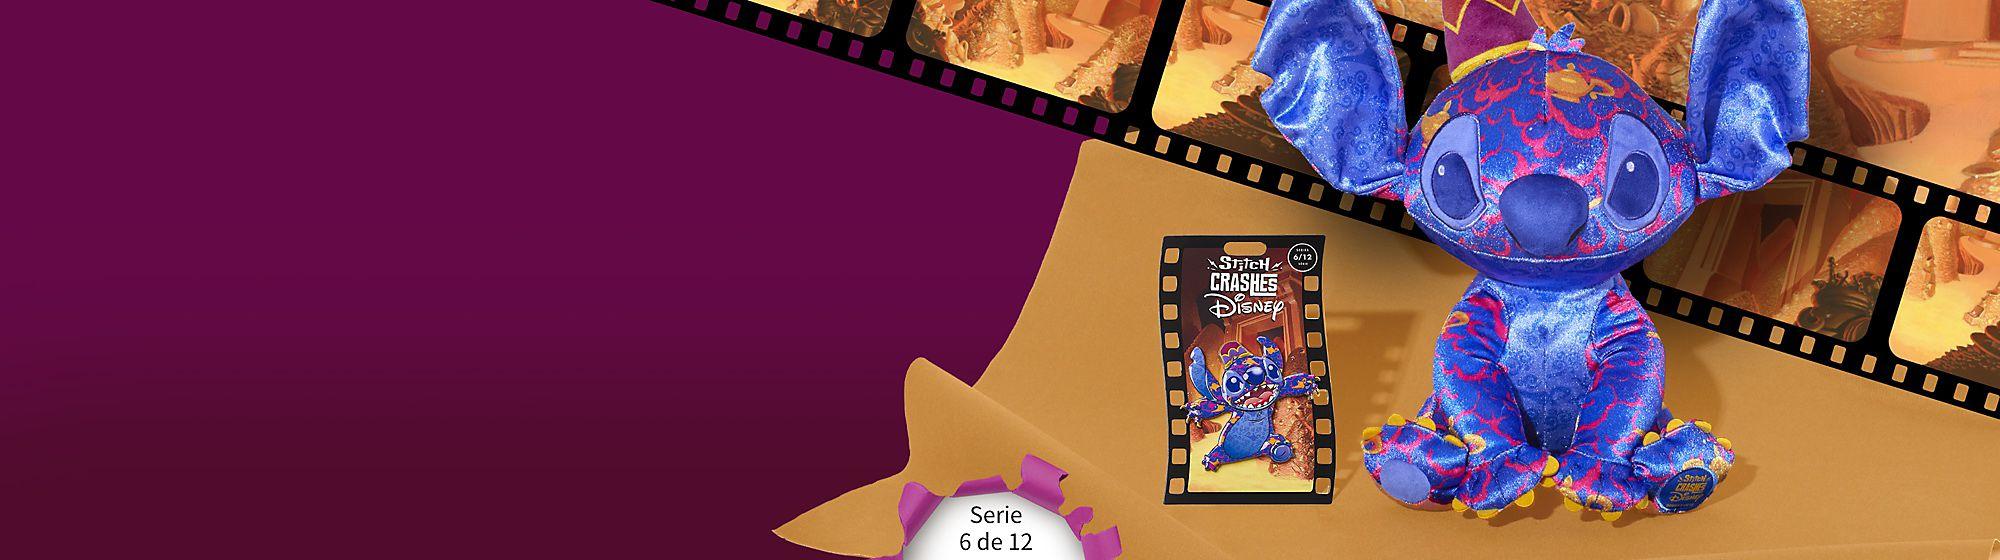 Stitch se cuela en Aladdín Colecciona esta serie de edición limitada de 12 pins y peluches, Serie 6 de 12 Disponible en Europa el 18 de junio de 2021